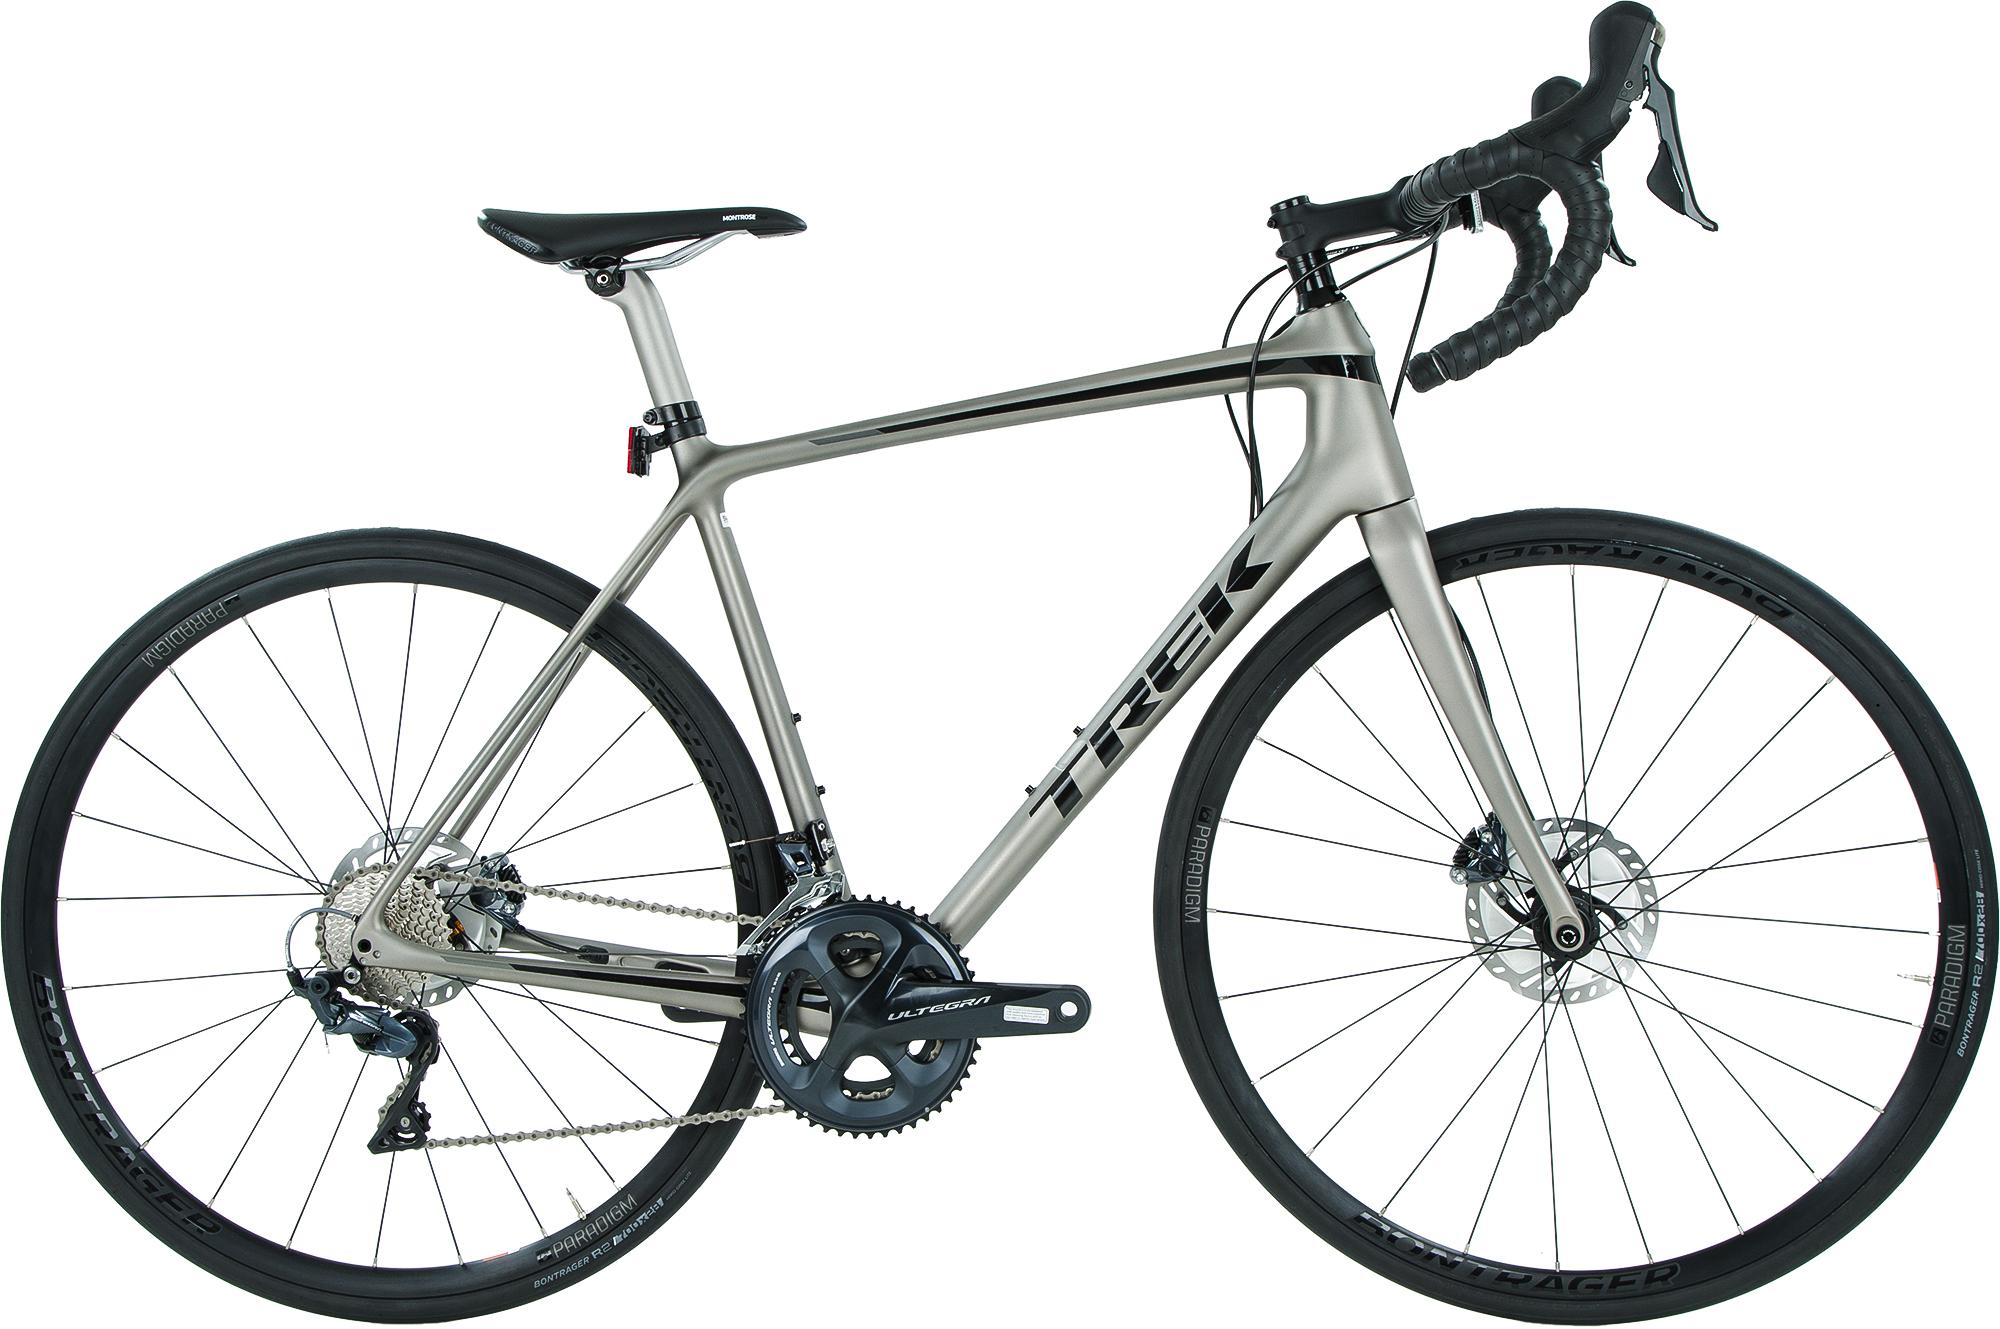 Trek EMONDA SL 6 DISC 700C (2019) велосипед forward quadro 3 0 disc 26 2015